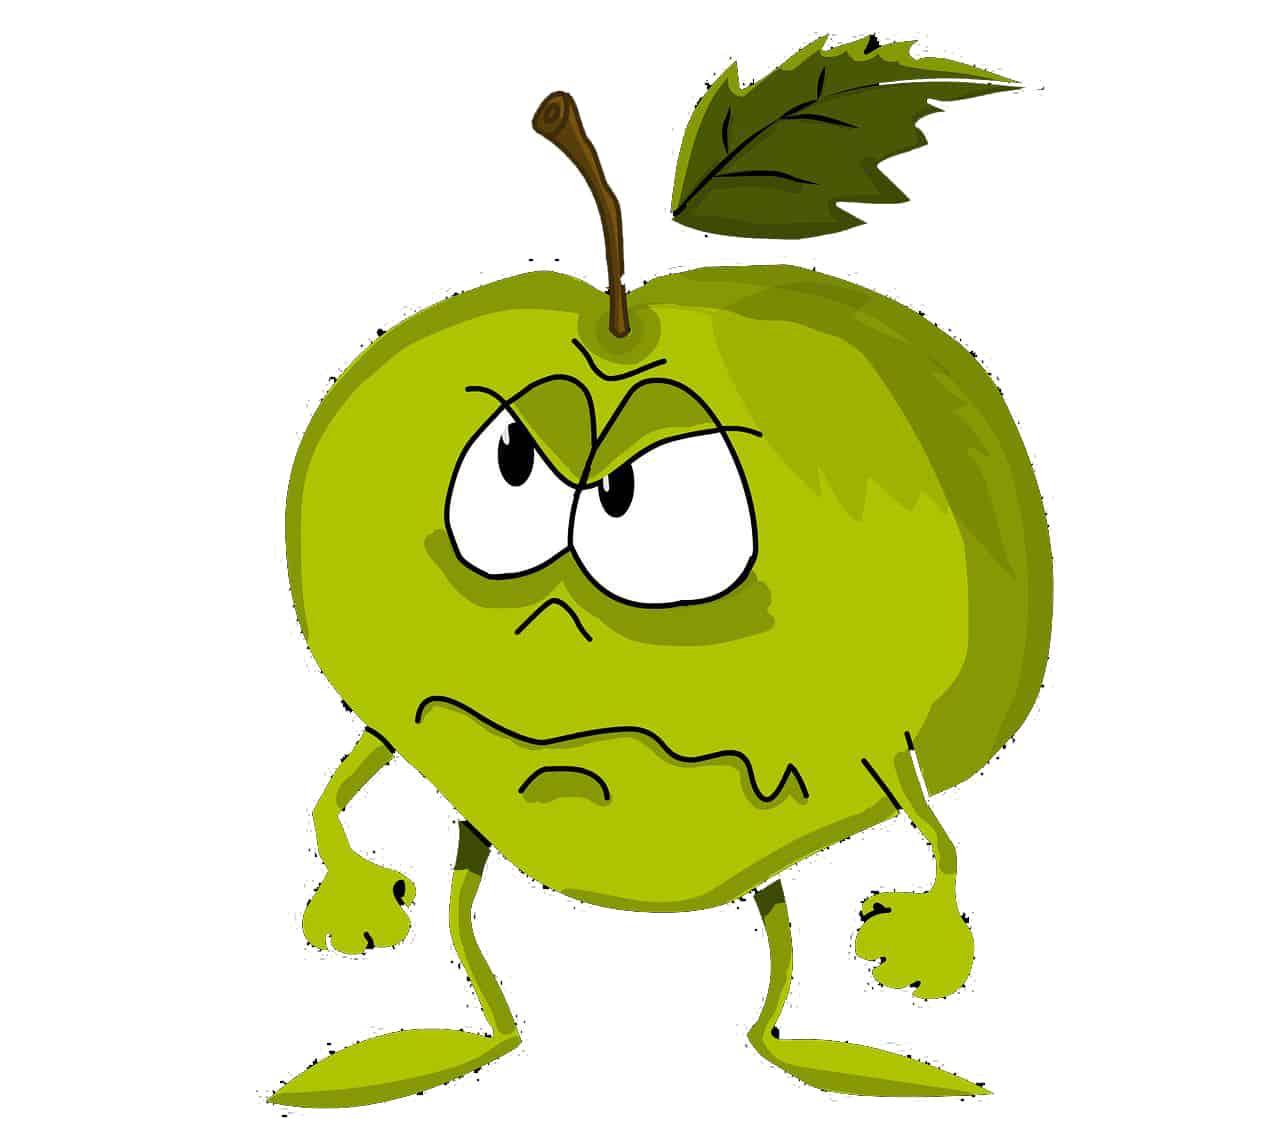 Grüner, grimmiger Apfel